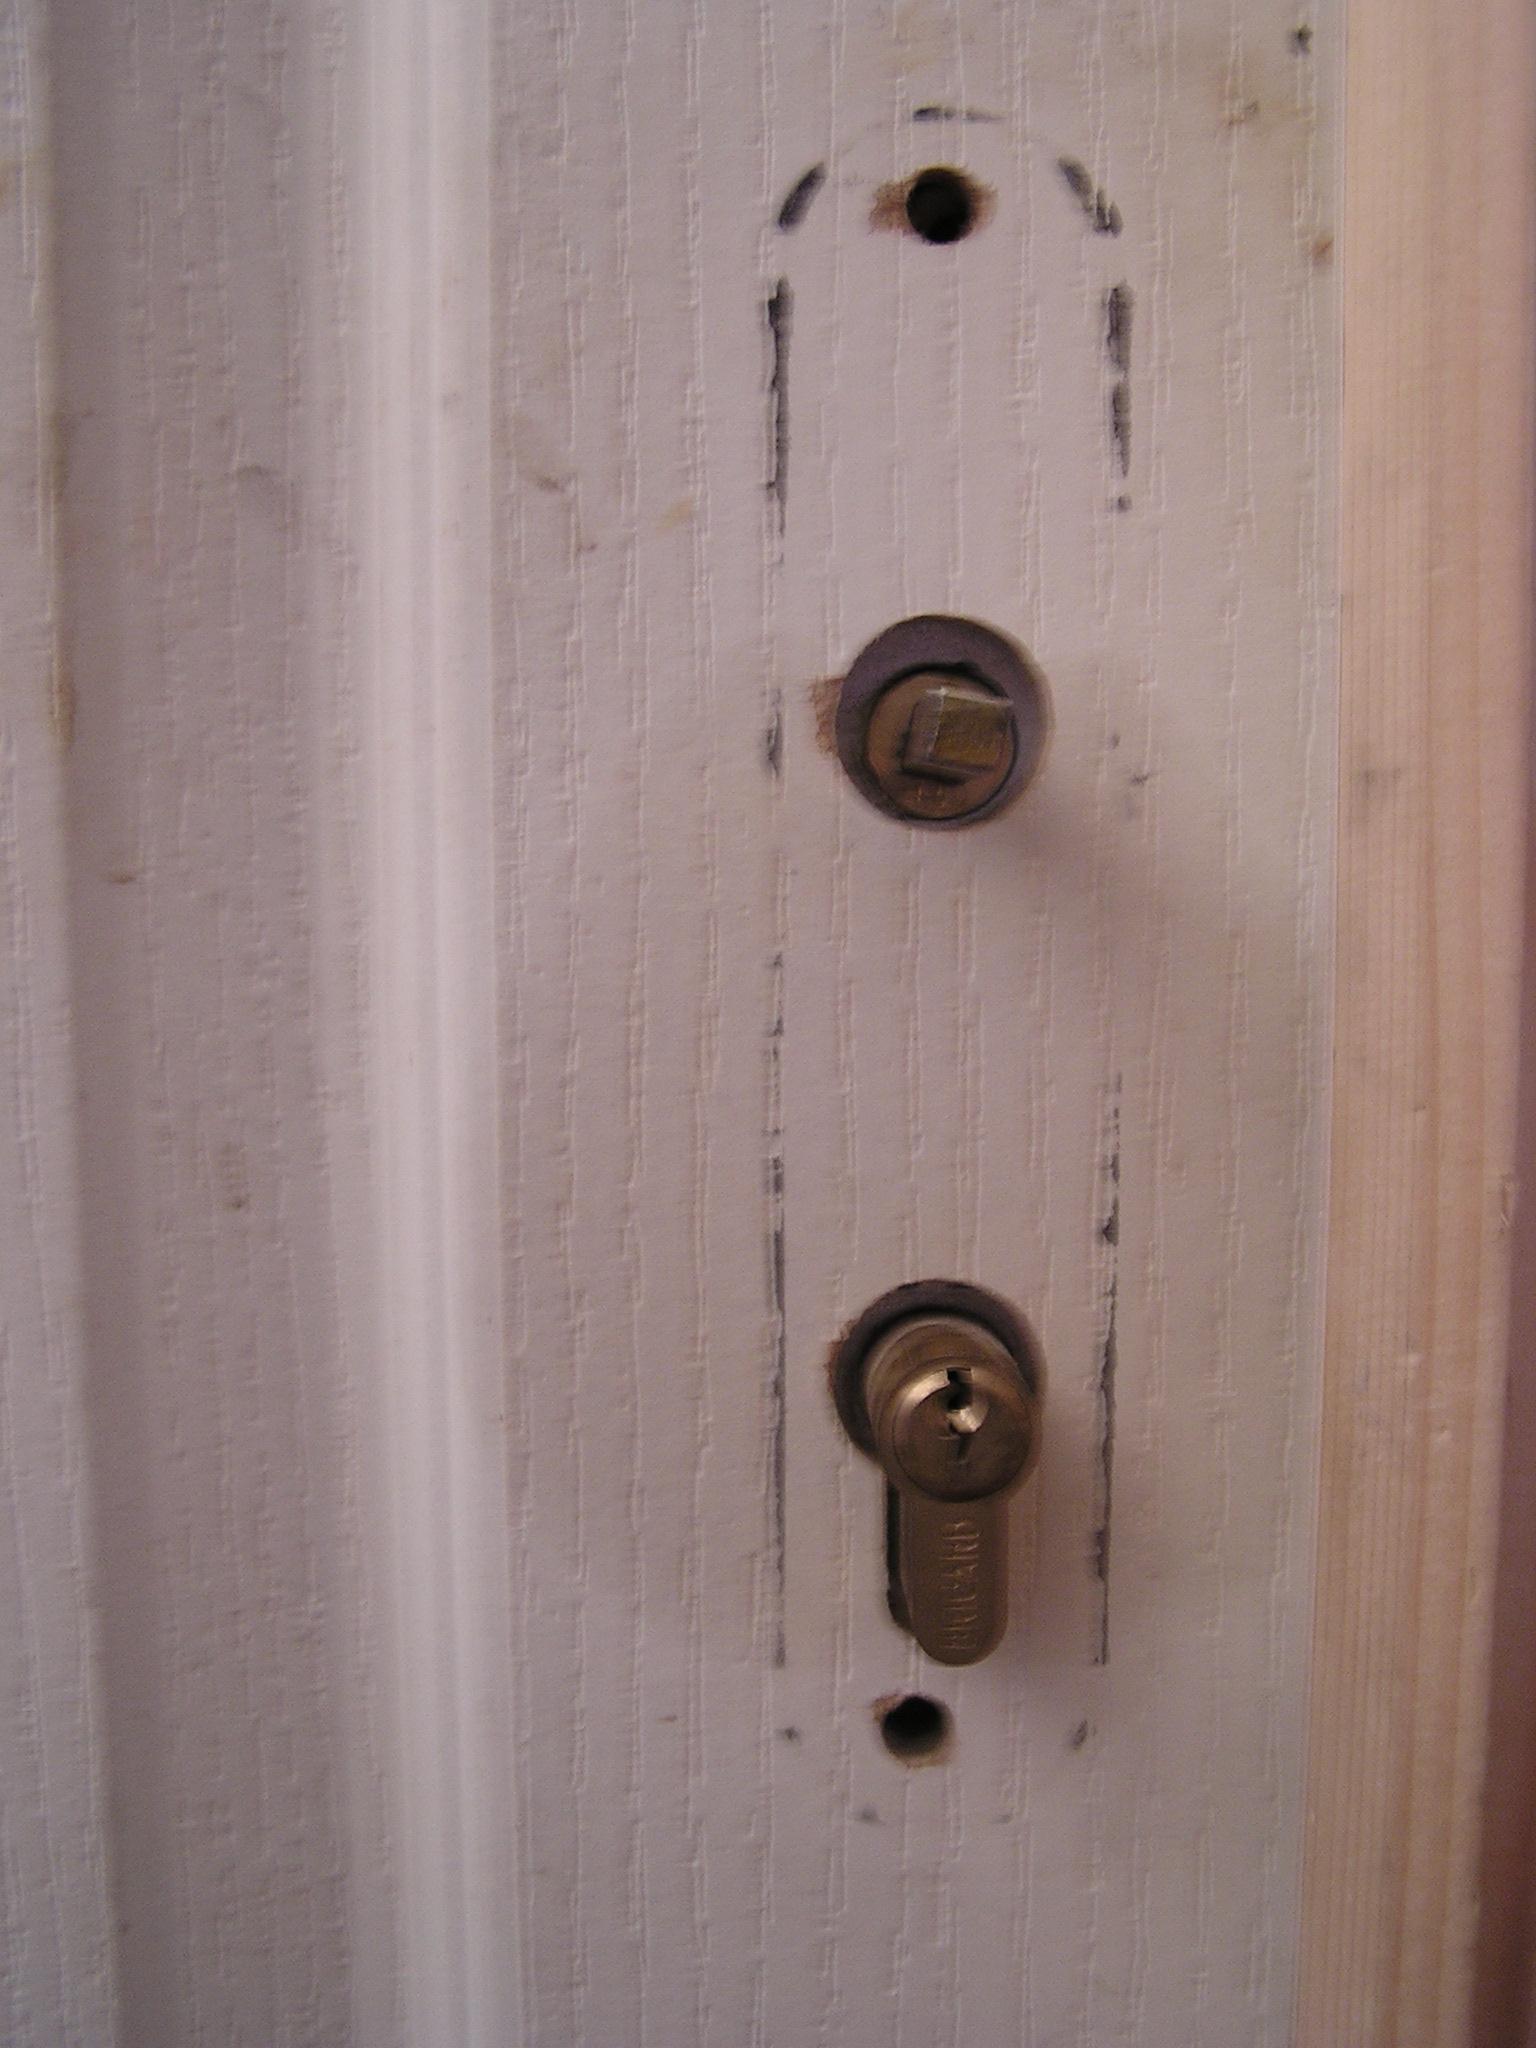 Ouvrir une porte de maison ferm e clef sans clef - Cle cassee dans serrure porte fermee ...